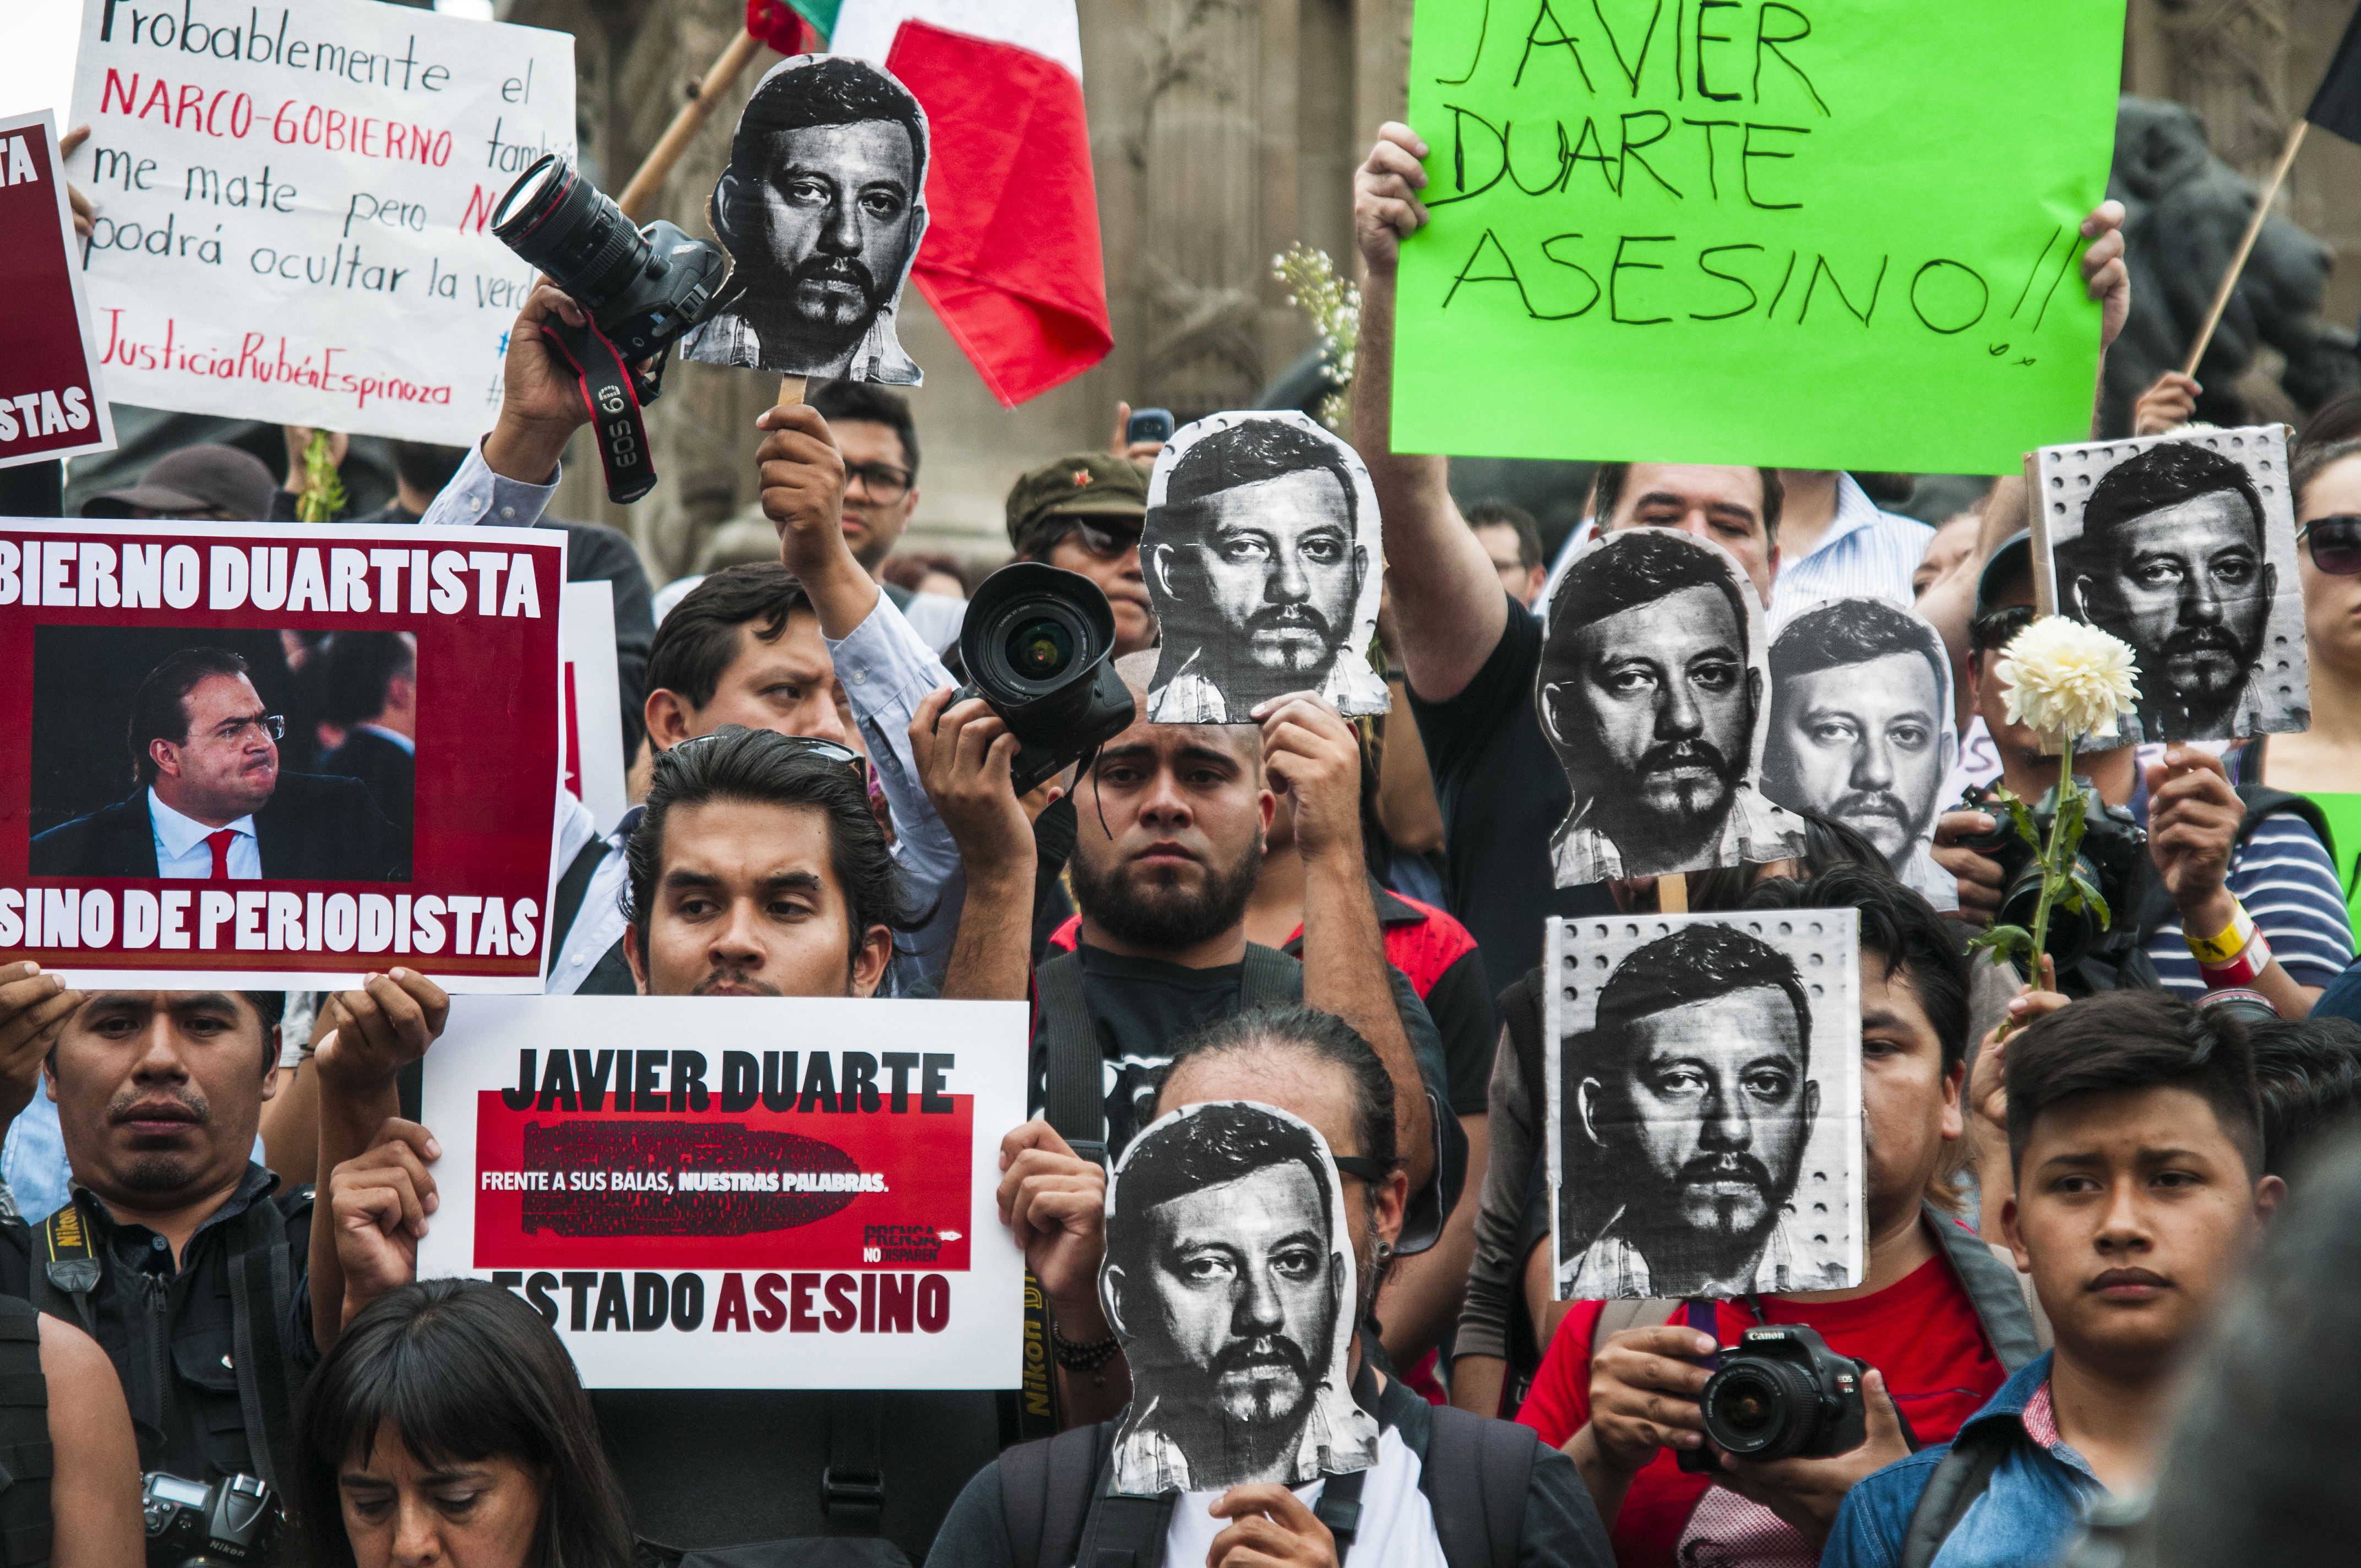 #GobiernoEspía: Representantes de víctimas del caso Narvarte fueron objetivo de Pegasus